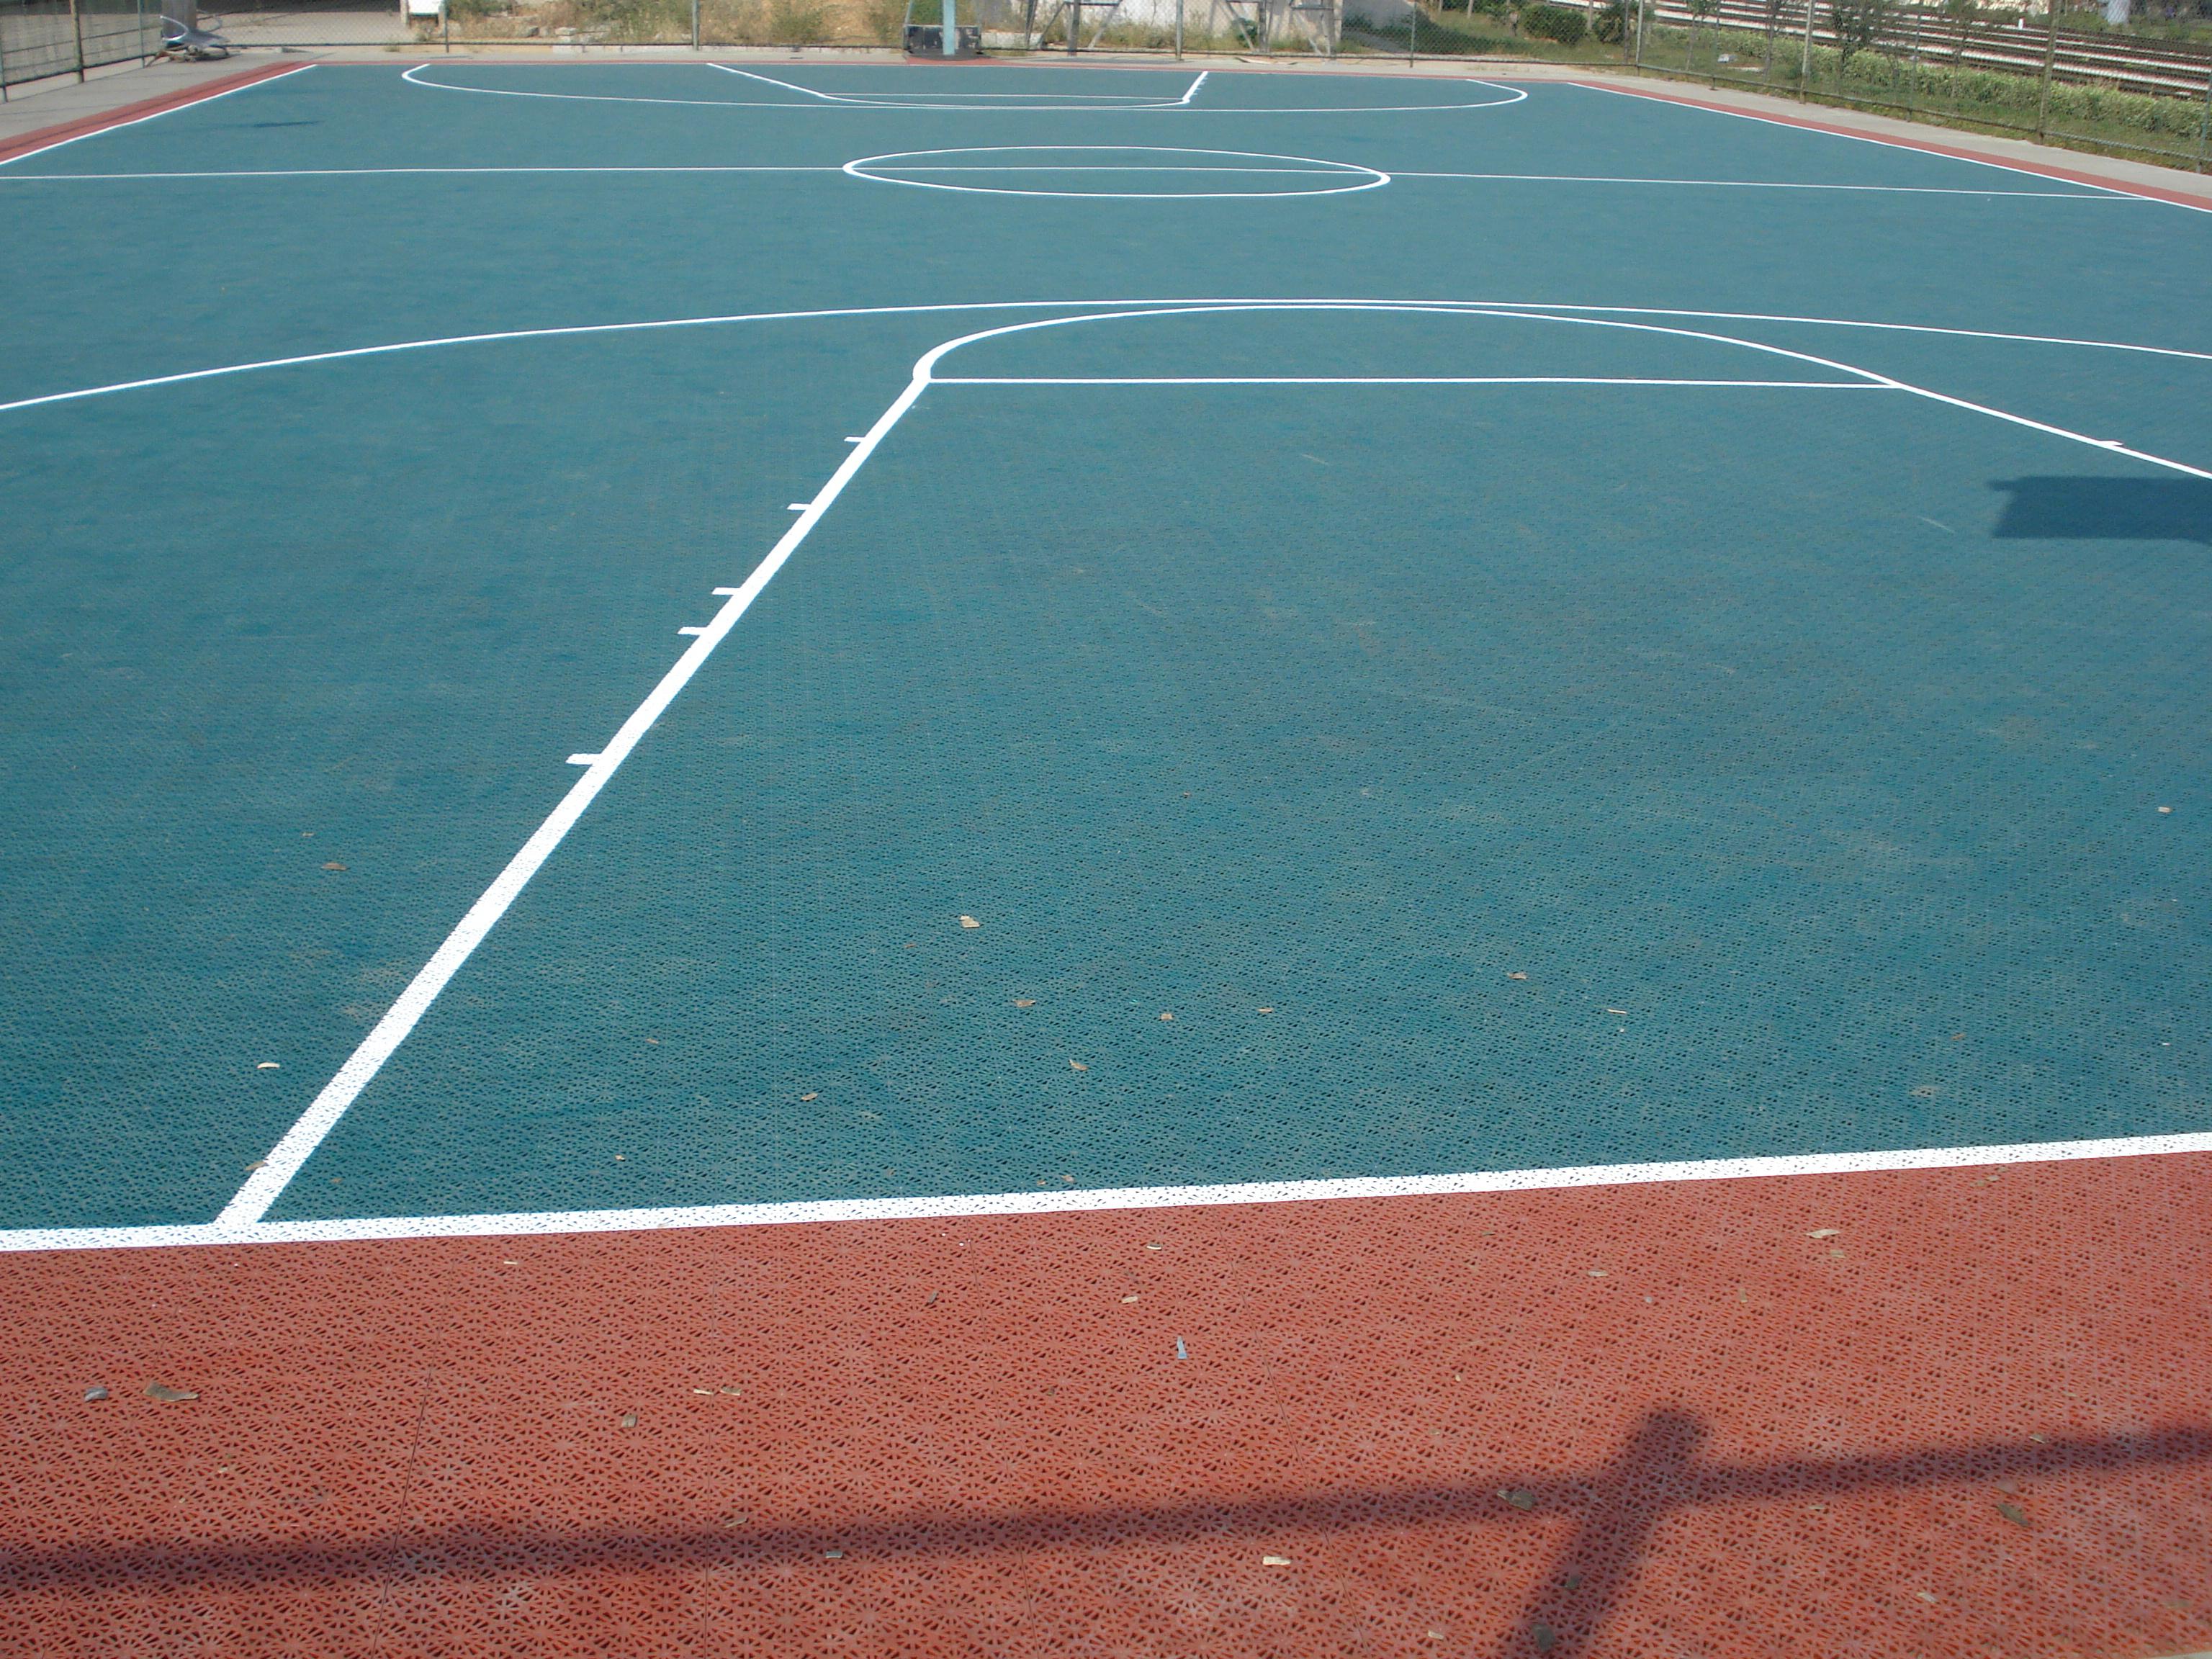 莱州室外塑料篮球场地板-排球场地板价格-青岛奥润佳